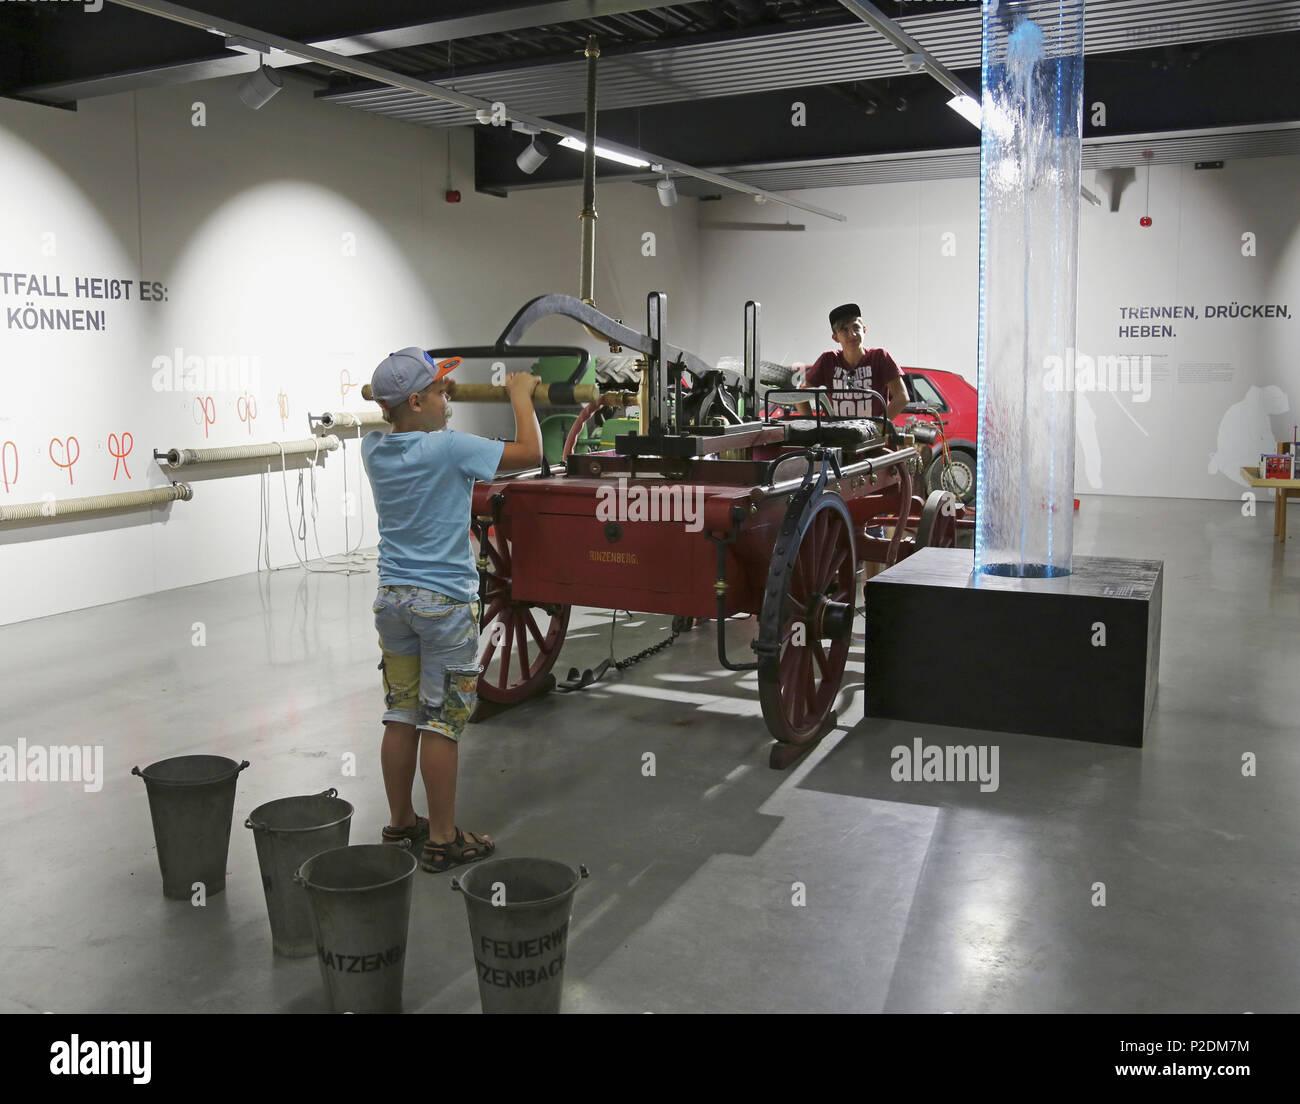 Rheinland-Pfaelzisches Feuerwehr museum Fire-Brigade museum in Hermeskeil, Administrative district of  Trier-Saarburg, Region of - Stock Image